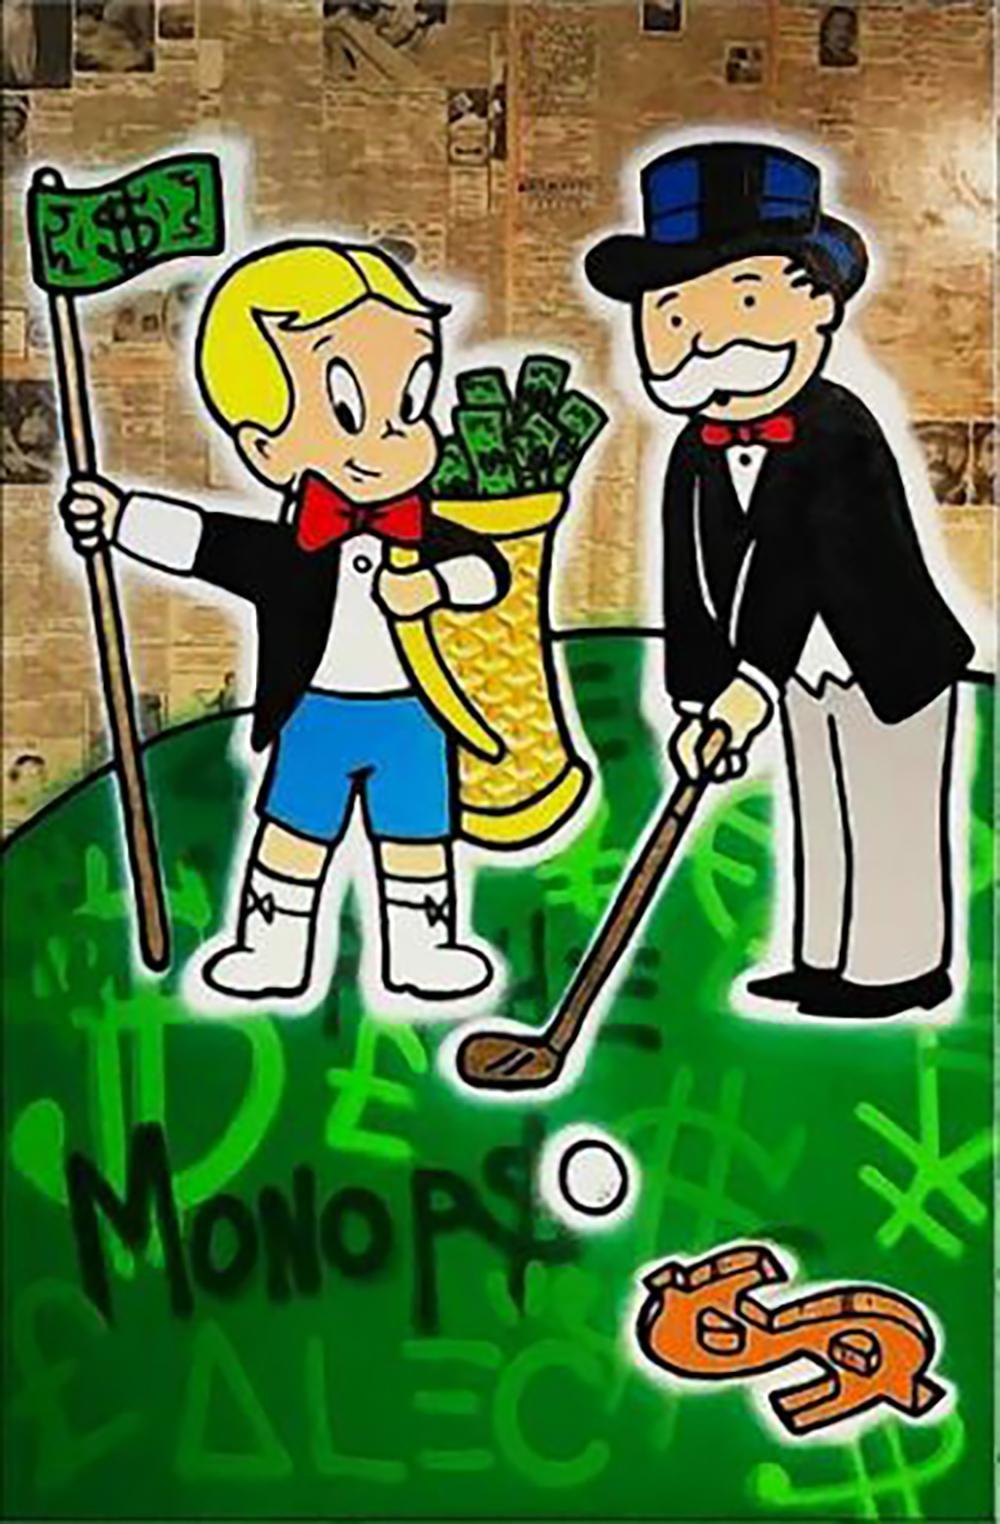 Pintura al óleo de golf en miniatura sobre lienzo Decoración para el hogar pintado a mano HD Imprimir pared Arte de la pared Personalización es aceptable 21050720